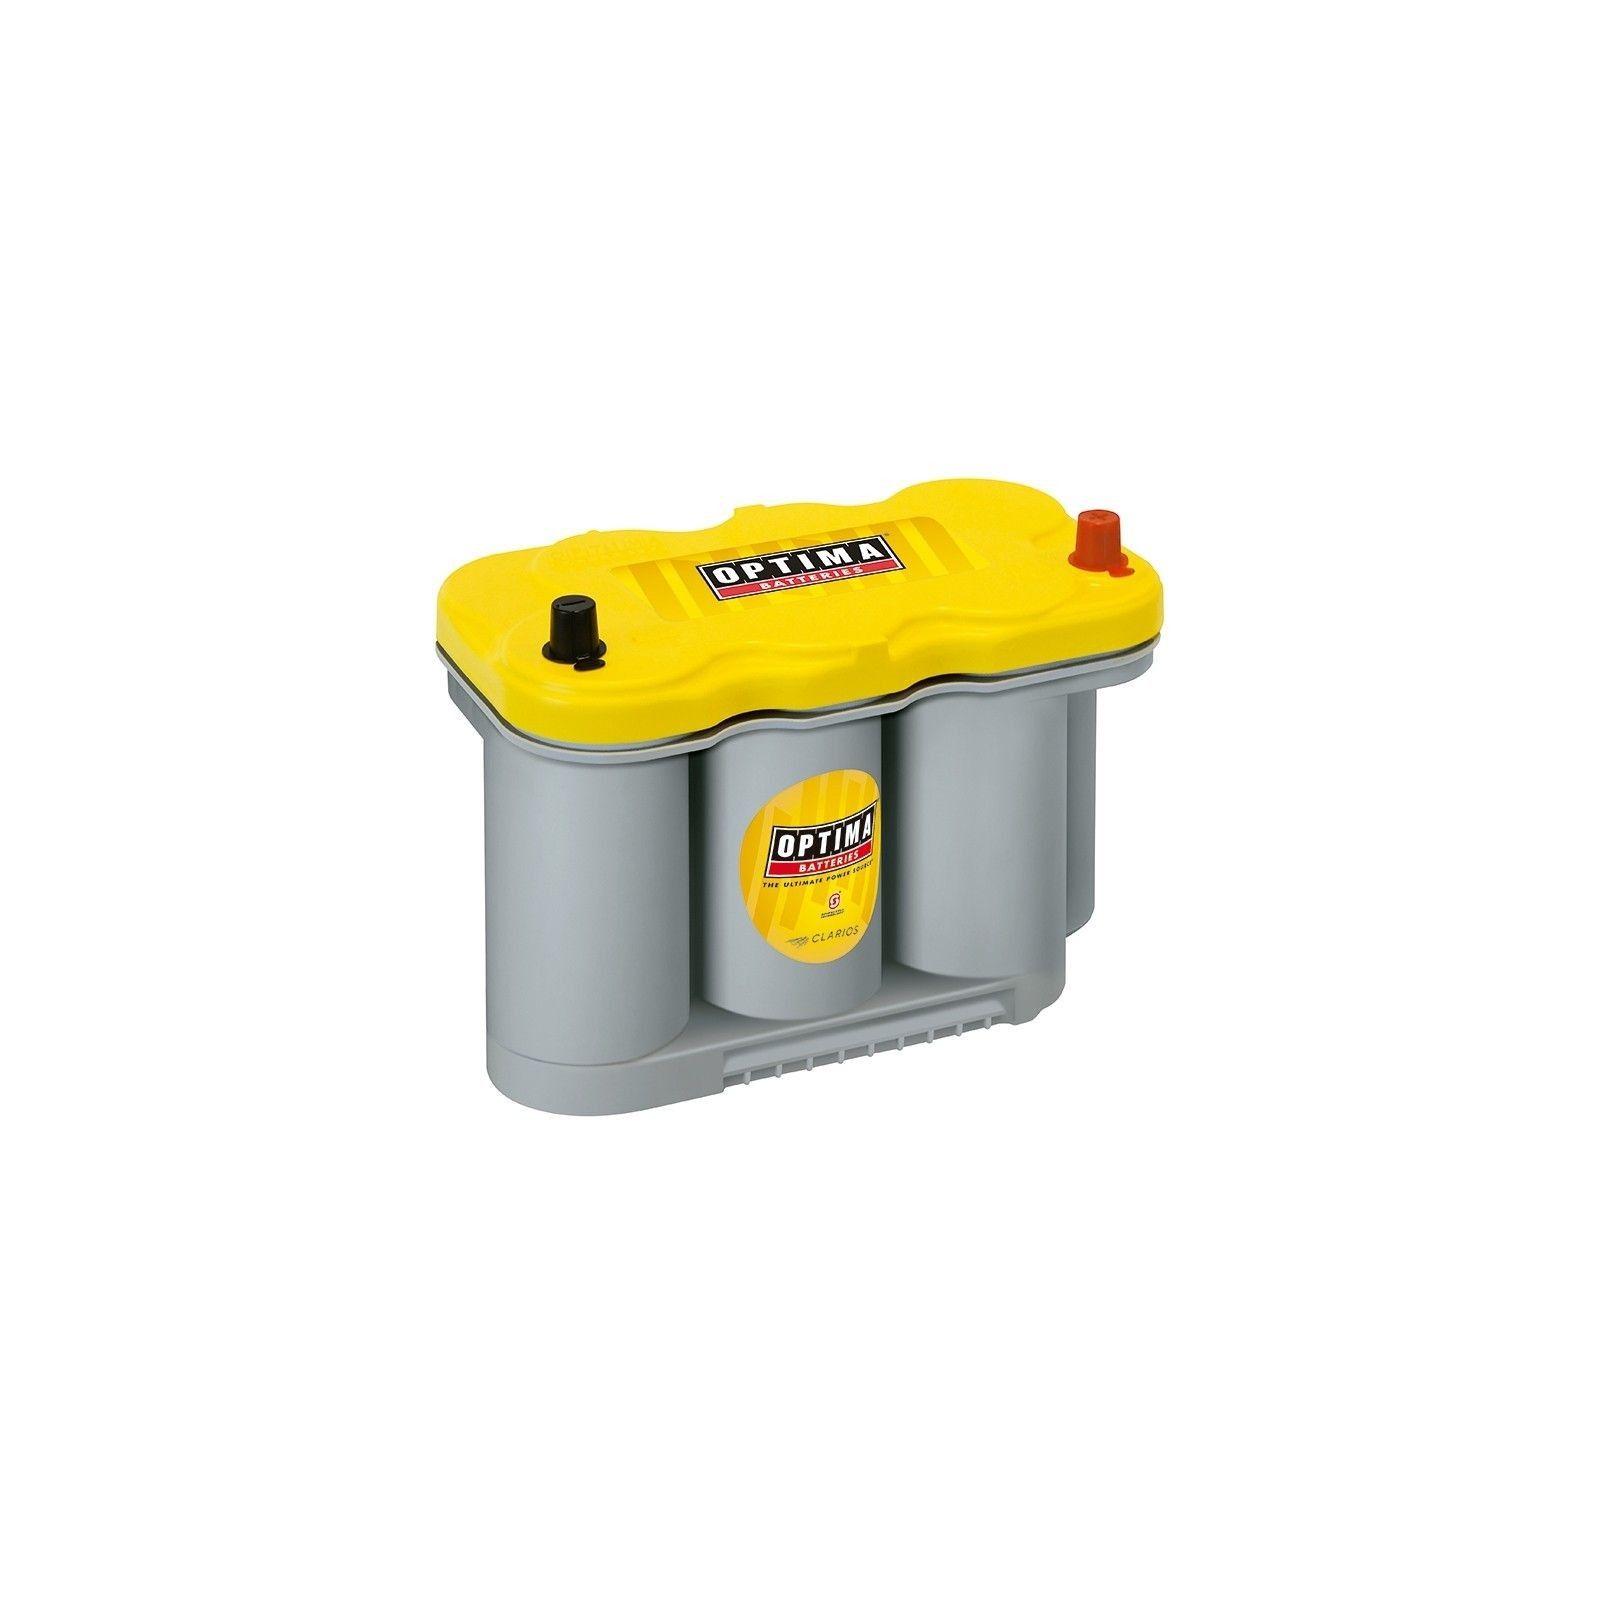 Batería Optima YTR-5.0 66Ah 845A 12V Yellow Top OPTIMA - 1